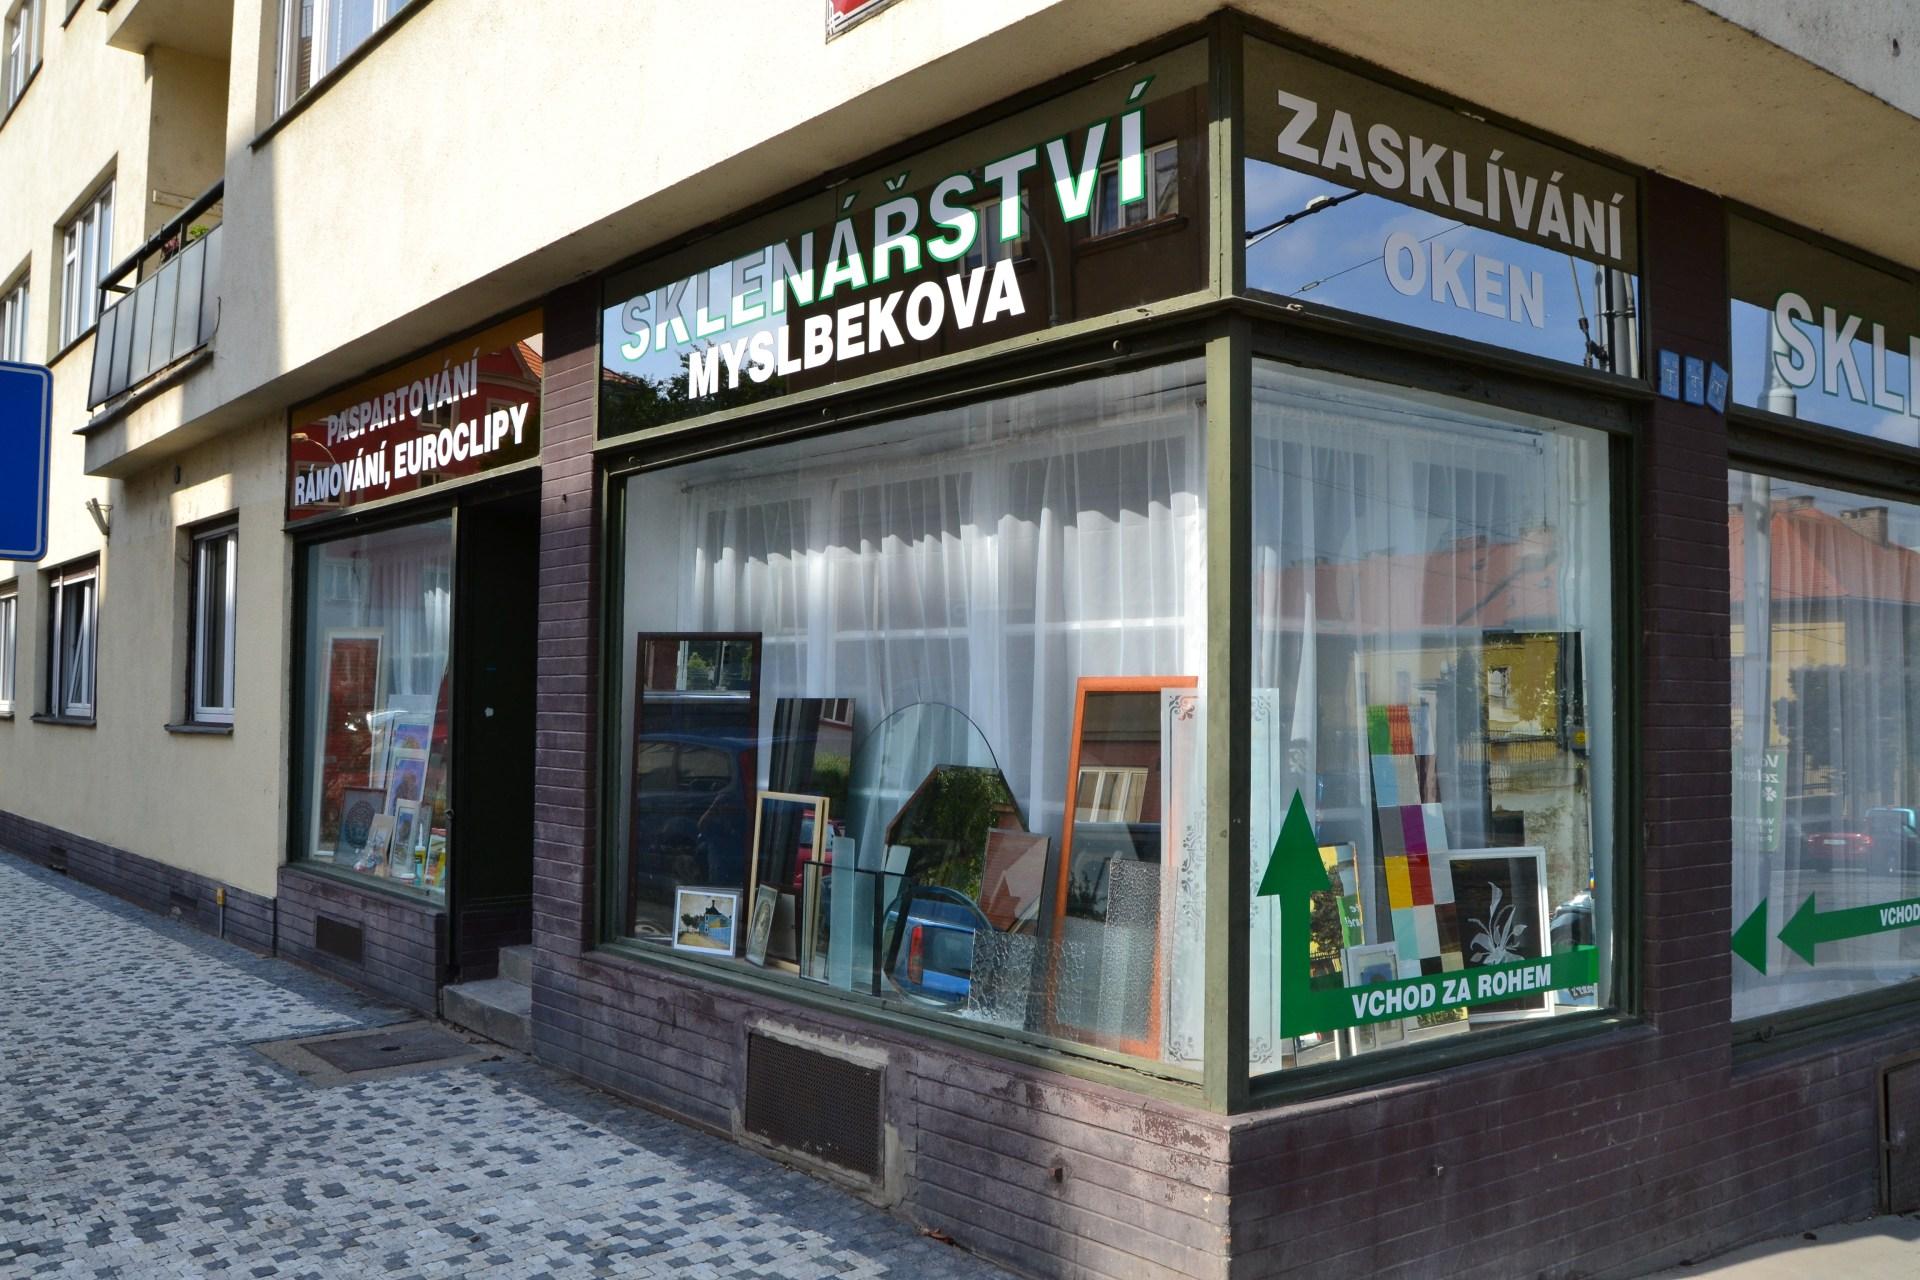 Foto obchodu sklenářství Myslbekova